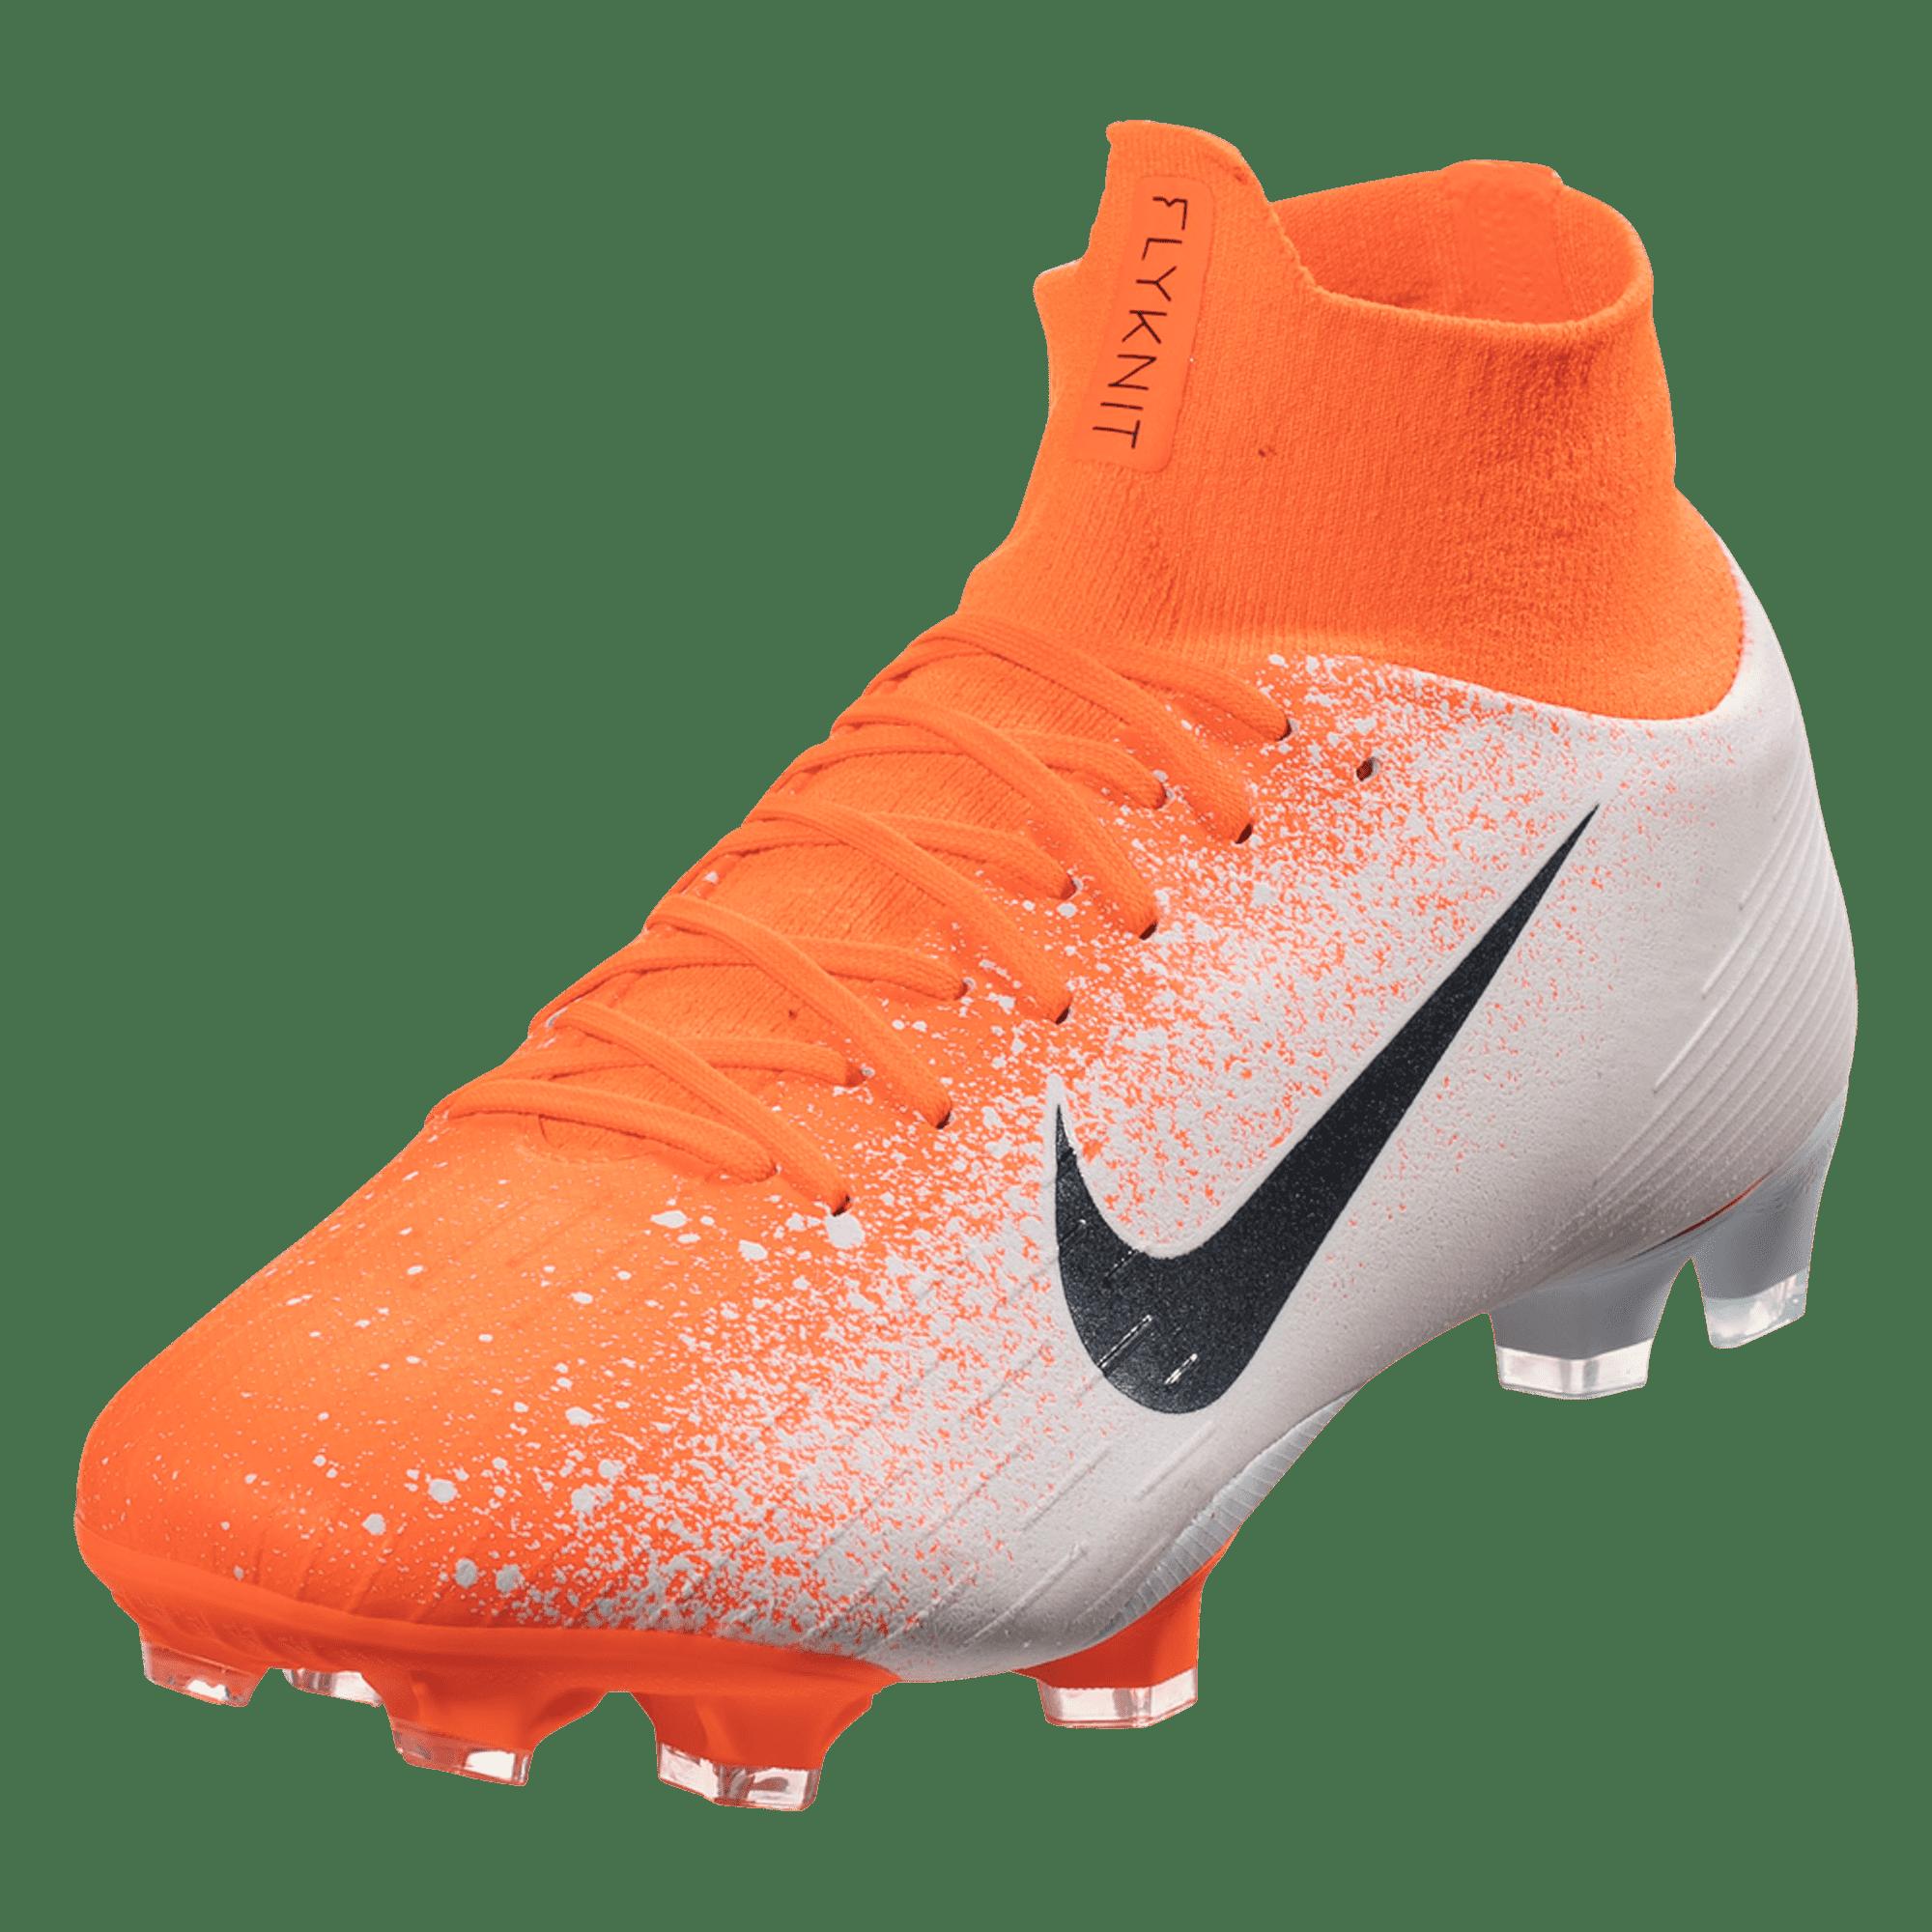 0dc4682d0 Nike Mercurial Superfly VI Pro FG Soccer Cleat – Hyper Crimson Black White